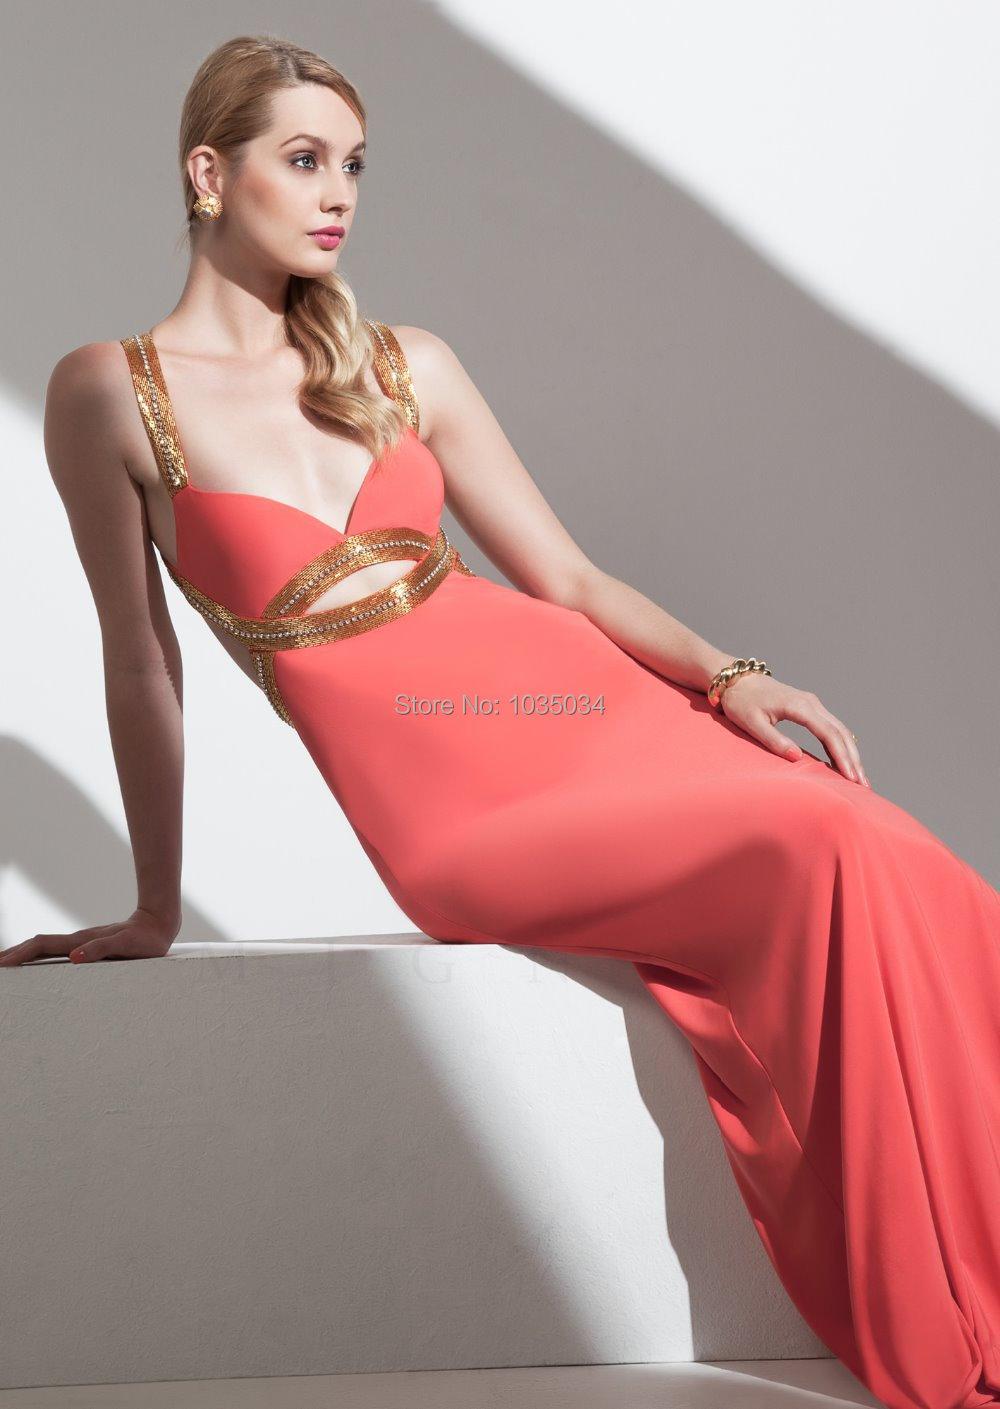 Вечерние платья длиной до пола vestidos феста сделаны шифон курто для ну вечеринку , жалюзи спинки платья выпускного вечера